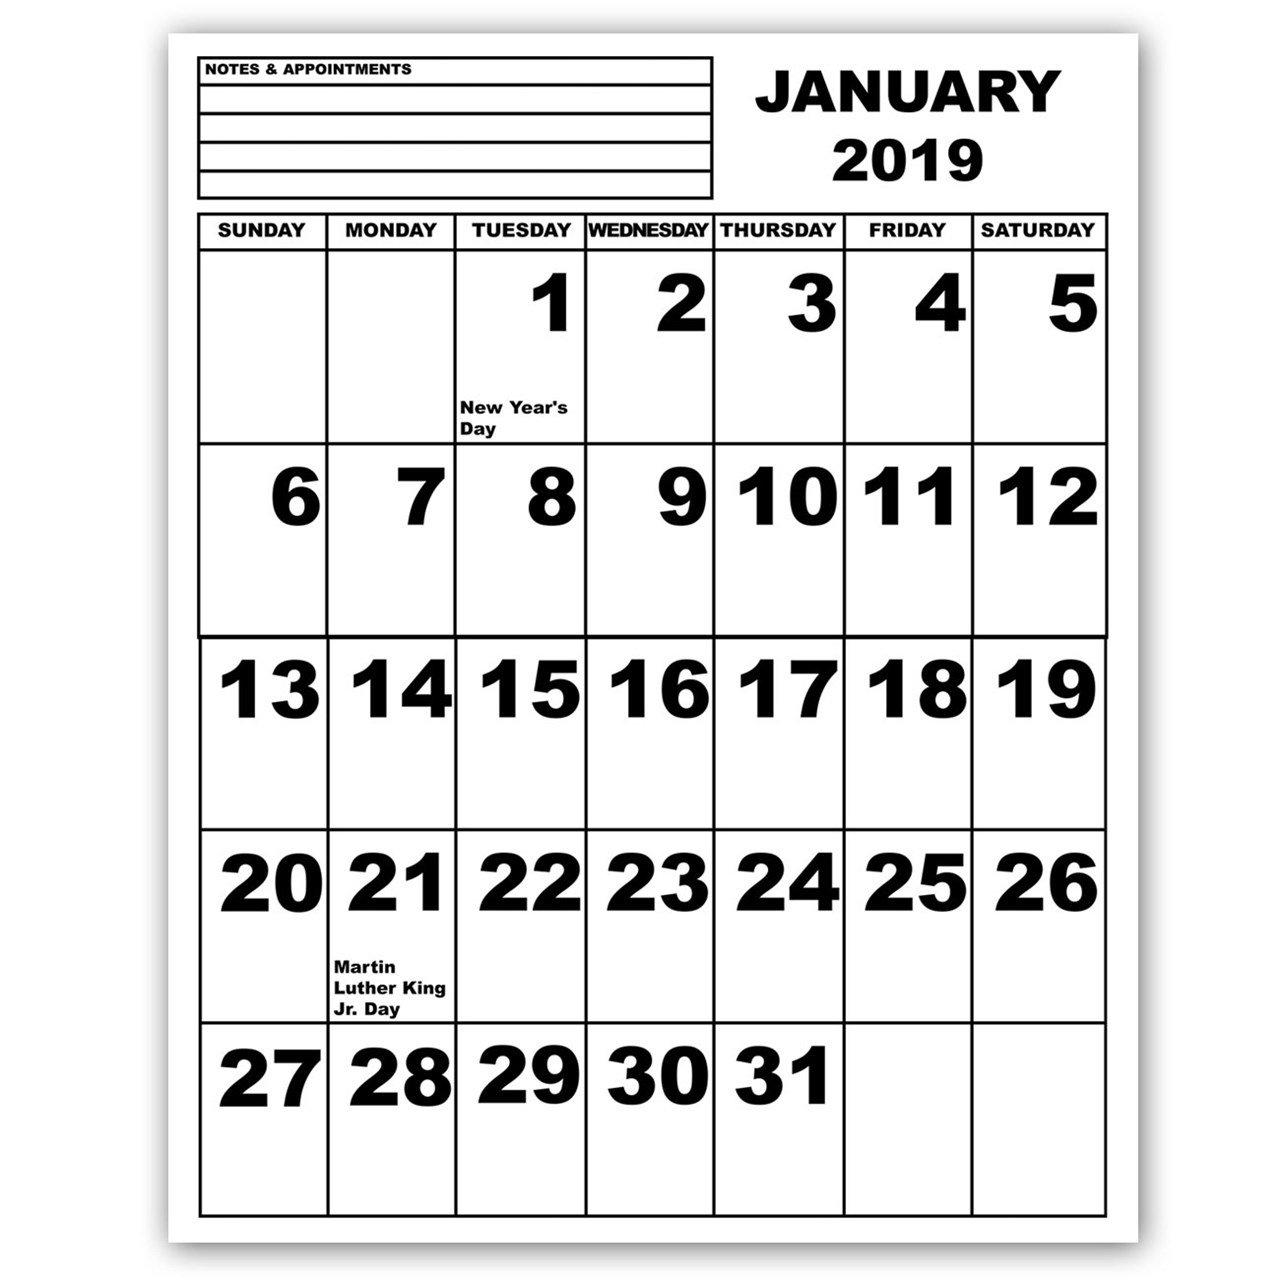 Maxiaids | Jumbo Print Calendar – 2019 Zeiss Calendar 2019